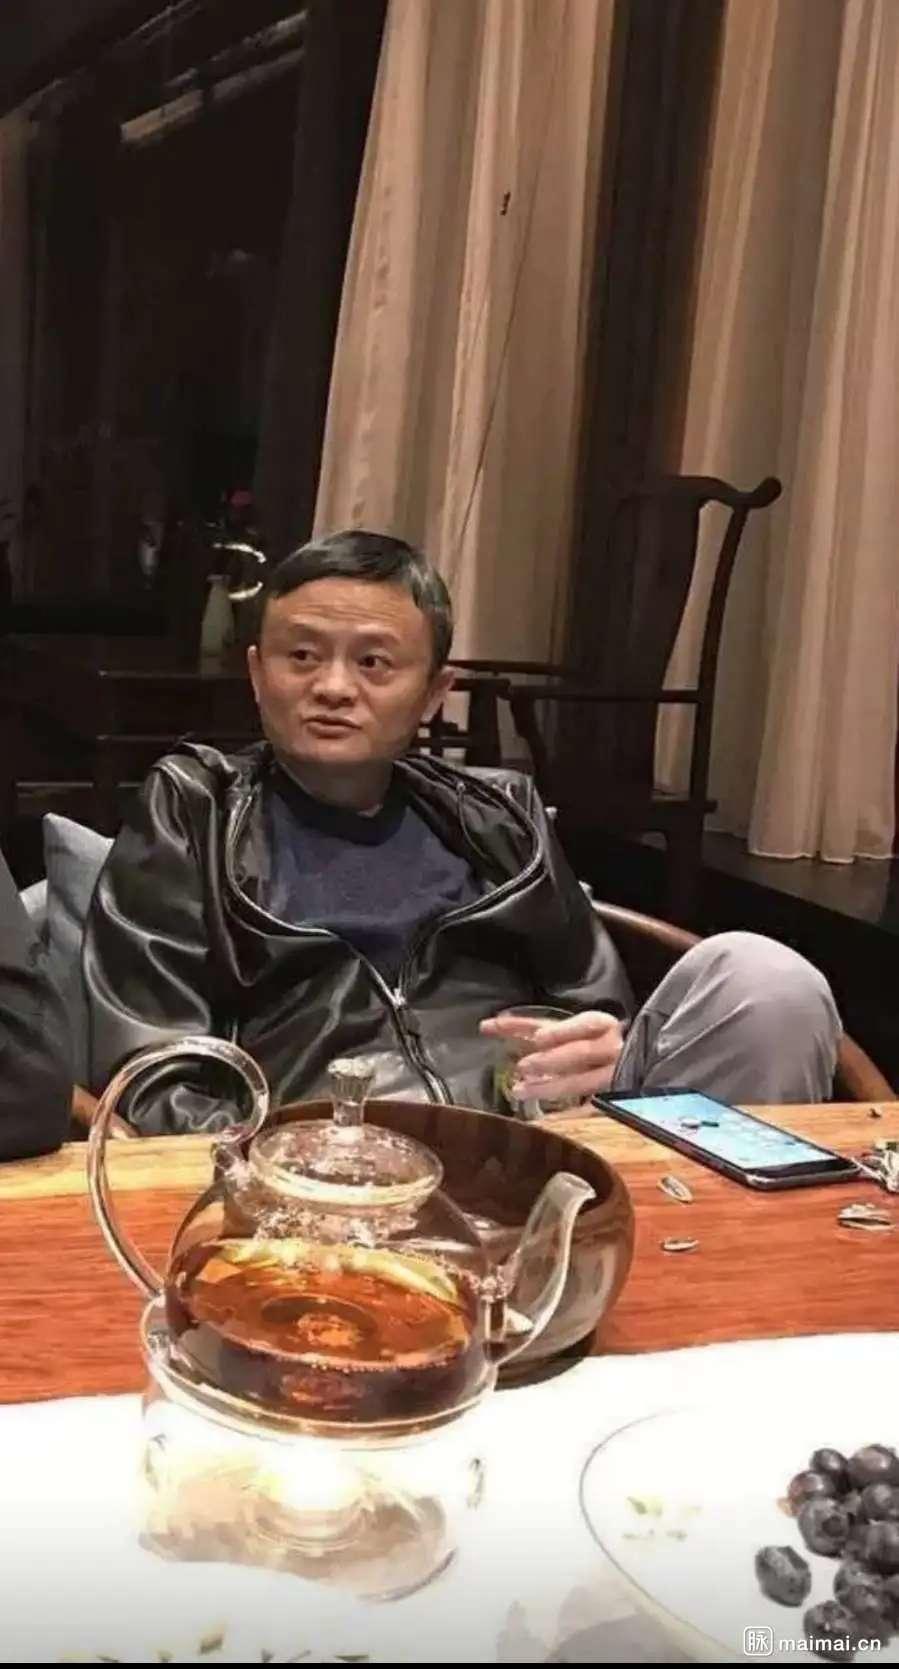 不愧是东哥!刘强东这坐姿,大佬风范 马应龙:奶茶乐…插图